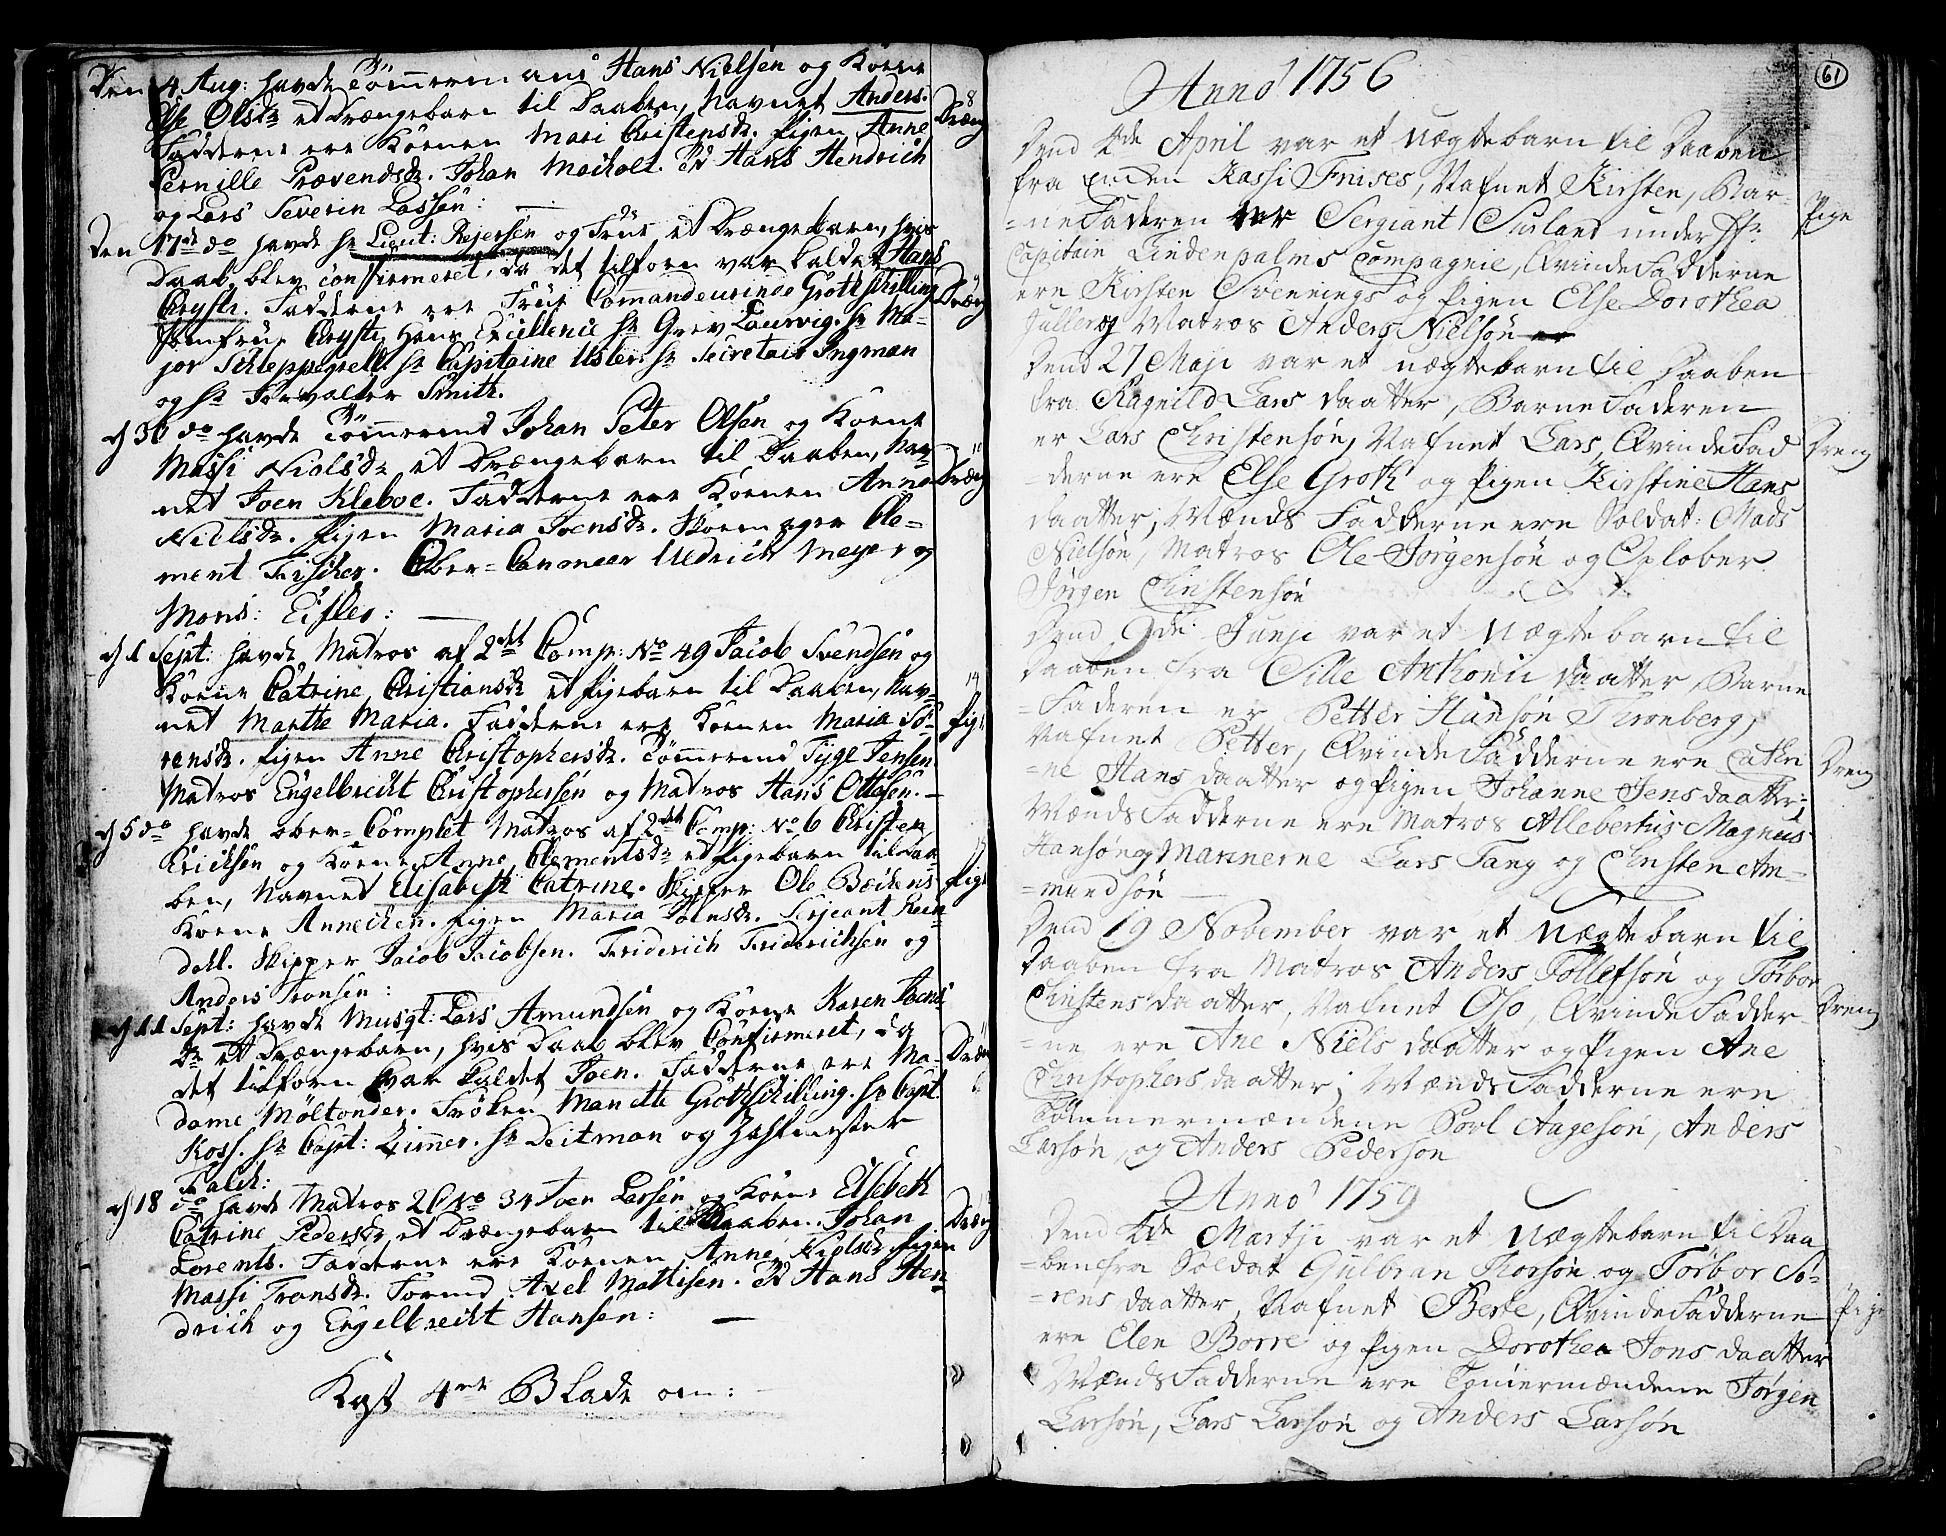 SAKO, Stavern kirkebøker, F/Fa/L0001: Ministerialbok nr. 1, 1756-1782, s. 61